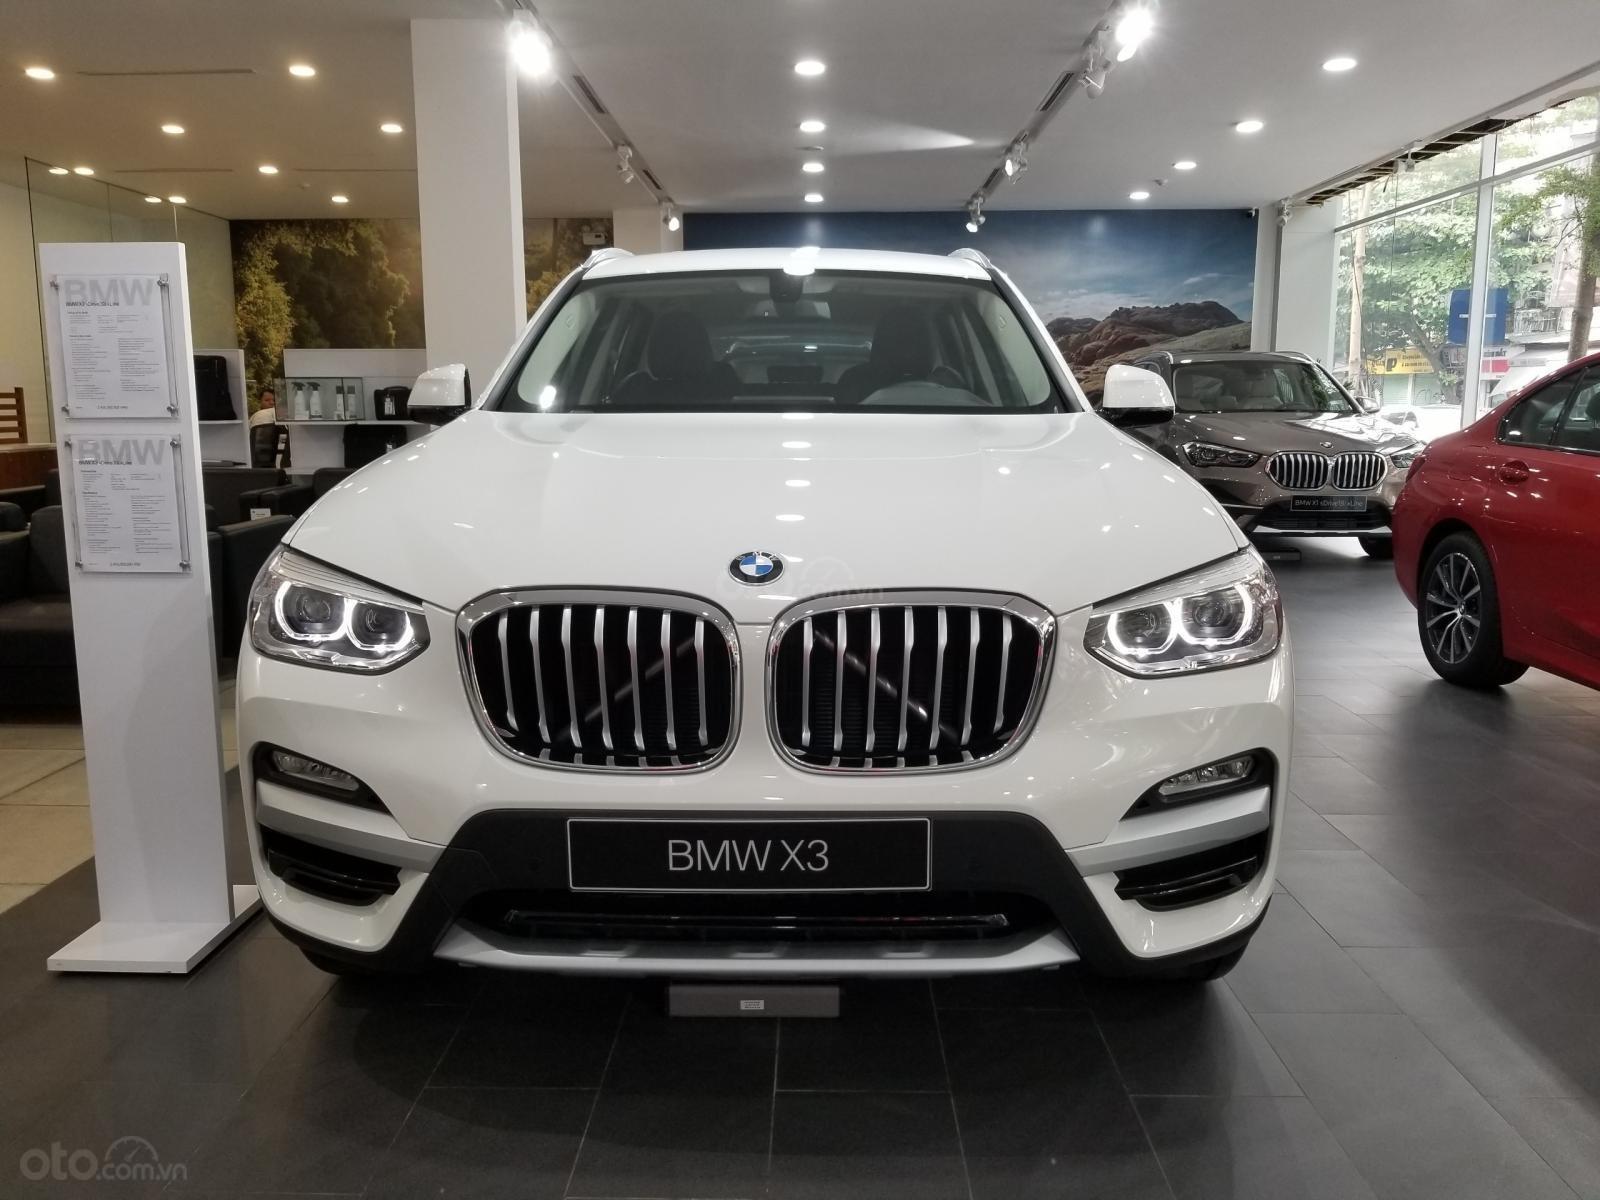 BMW X3 xDrive xLine nhập khẩu nguyên chiếc từ Châu Âu. Liên hệ 0915364574 để có giá tốt nhất (1)